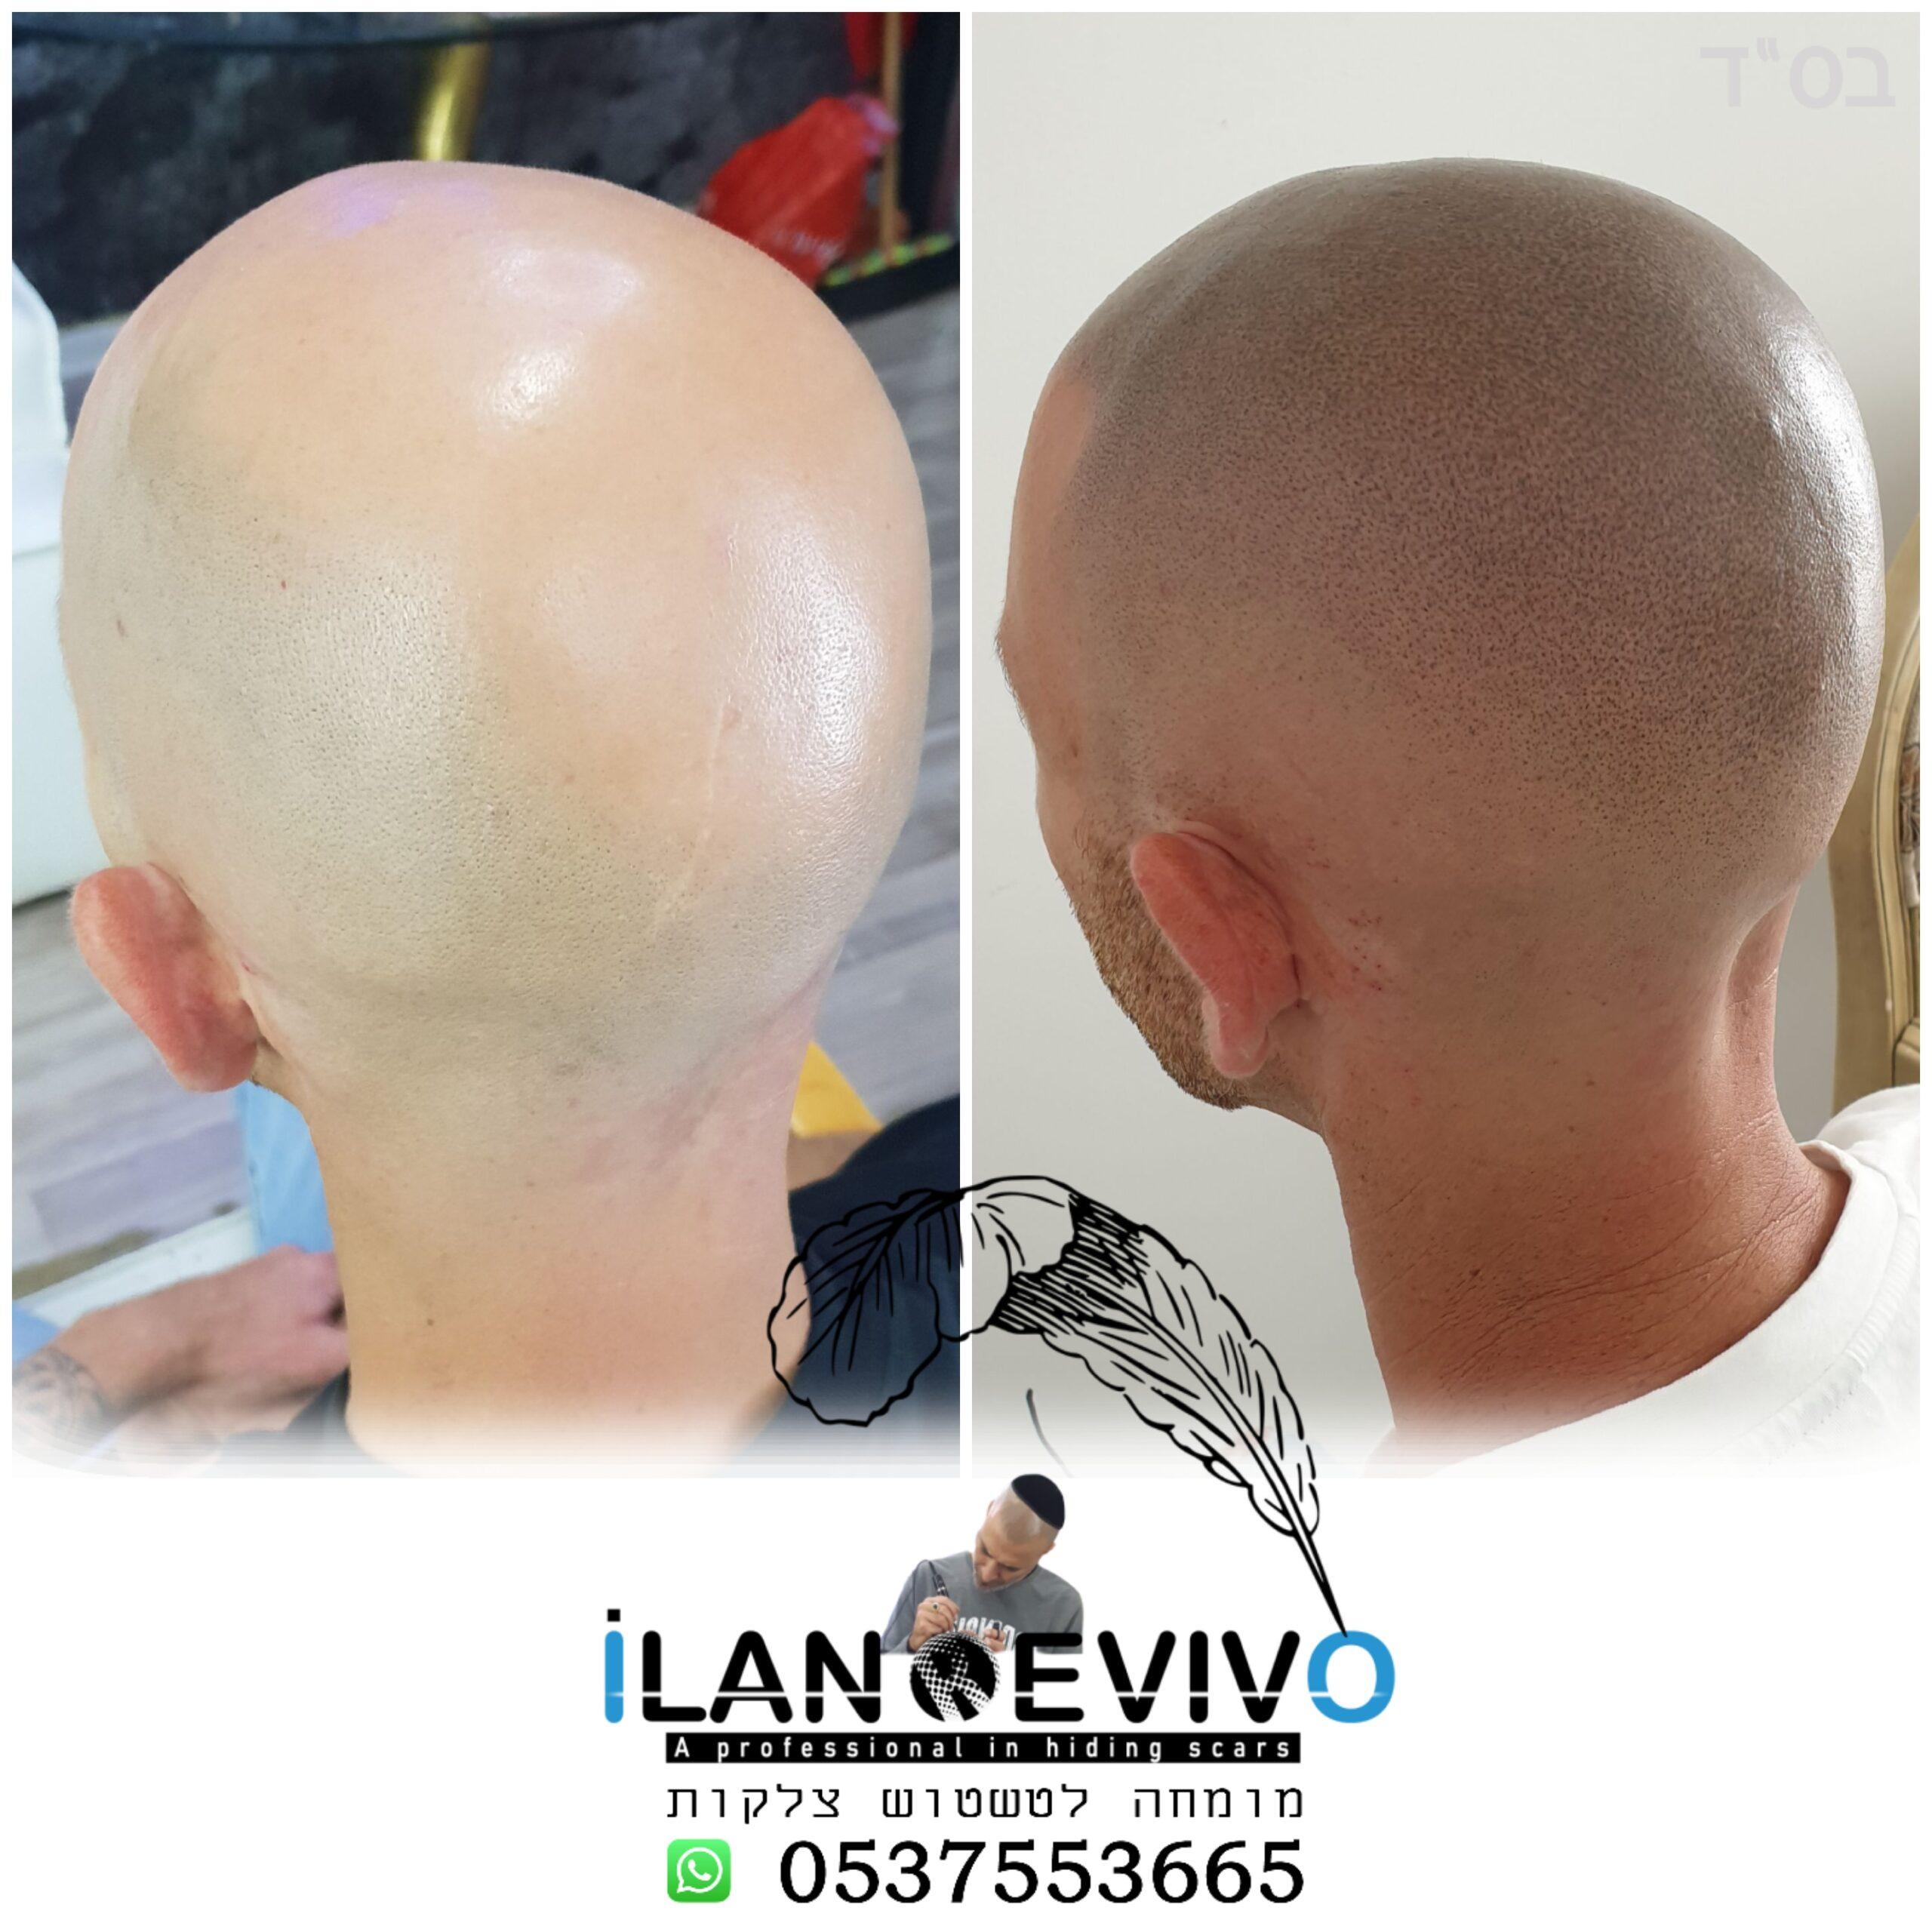 הדמיית שיער - טיפול מושלם לקרחת